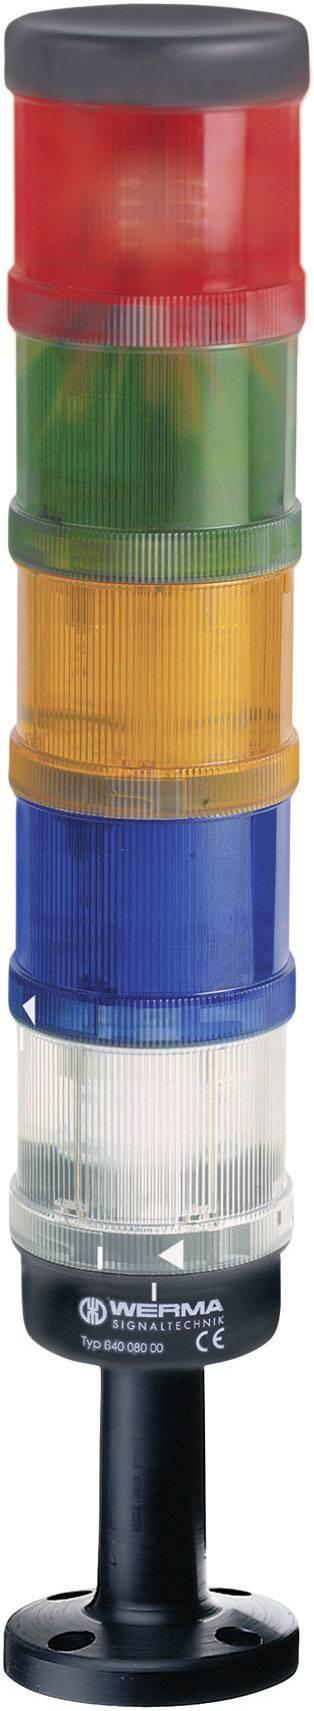 LED stálá signálka Werma 644.400.75, 24 V, IP65, čirá